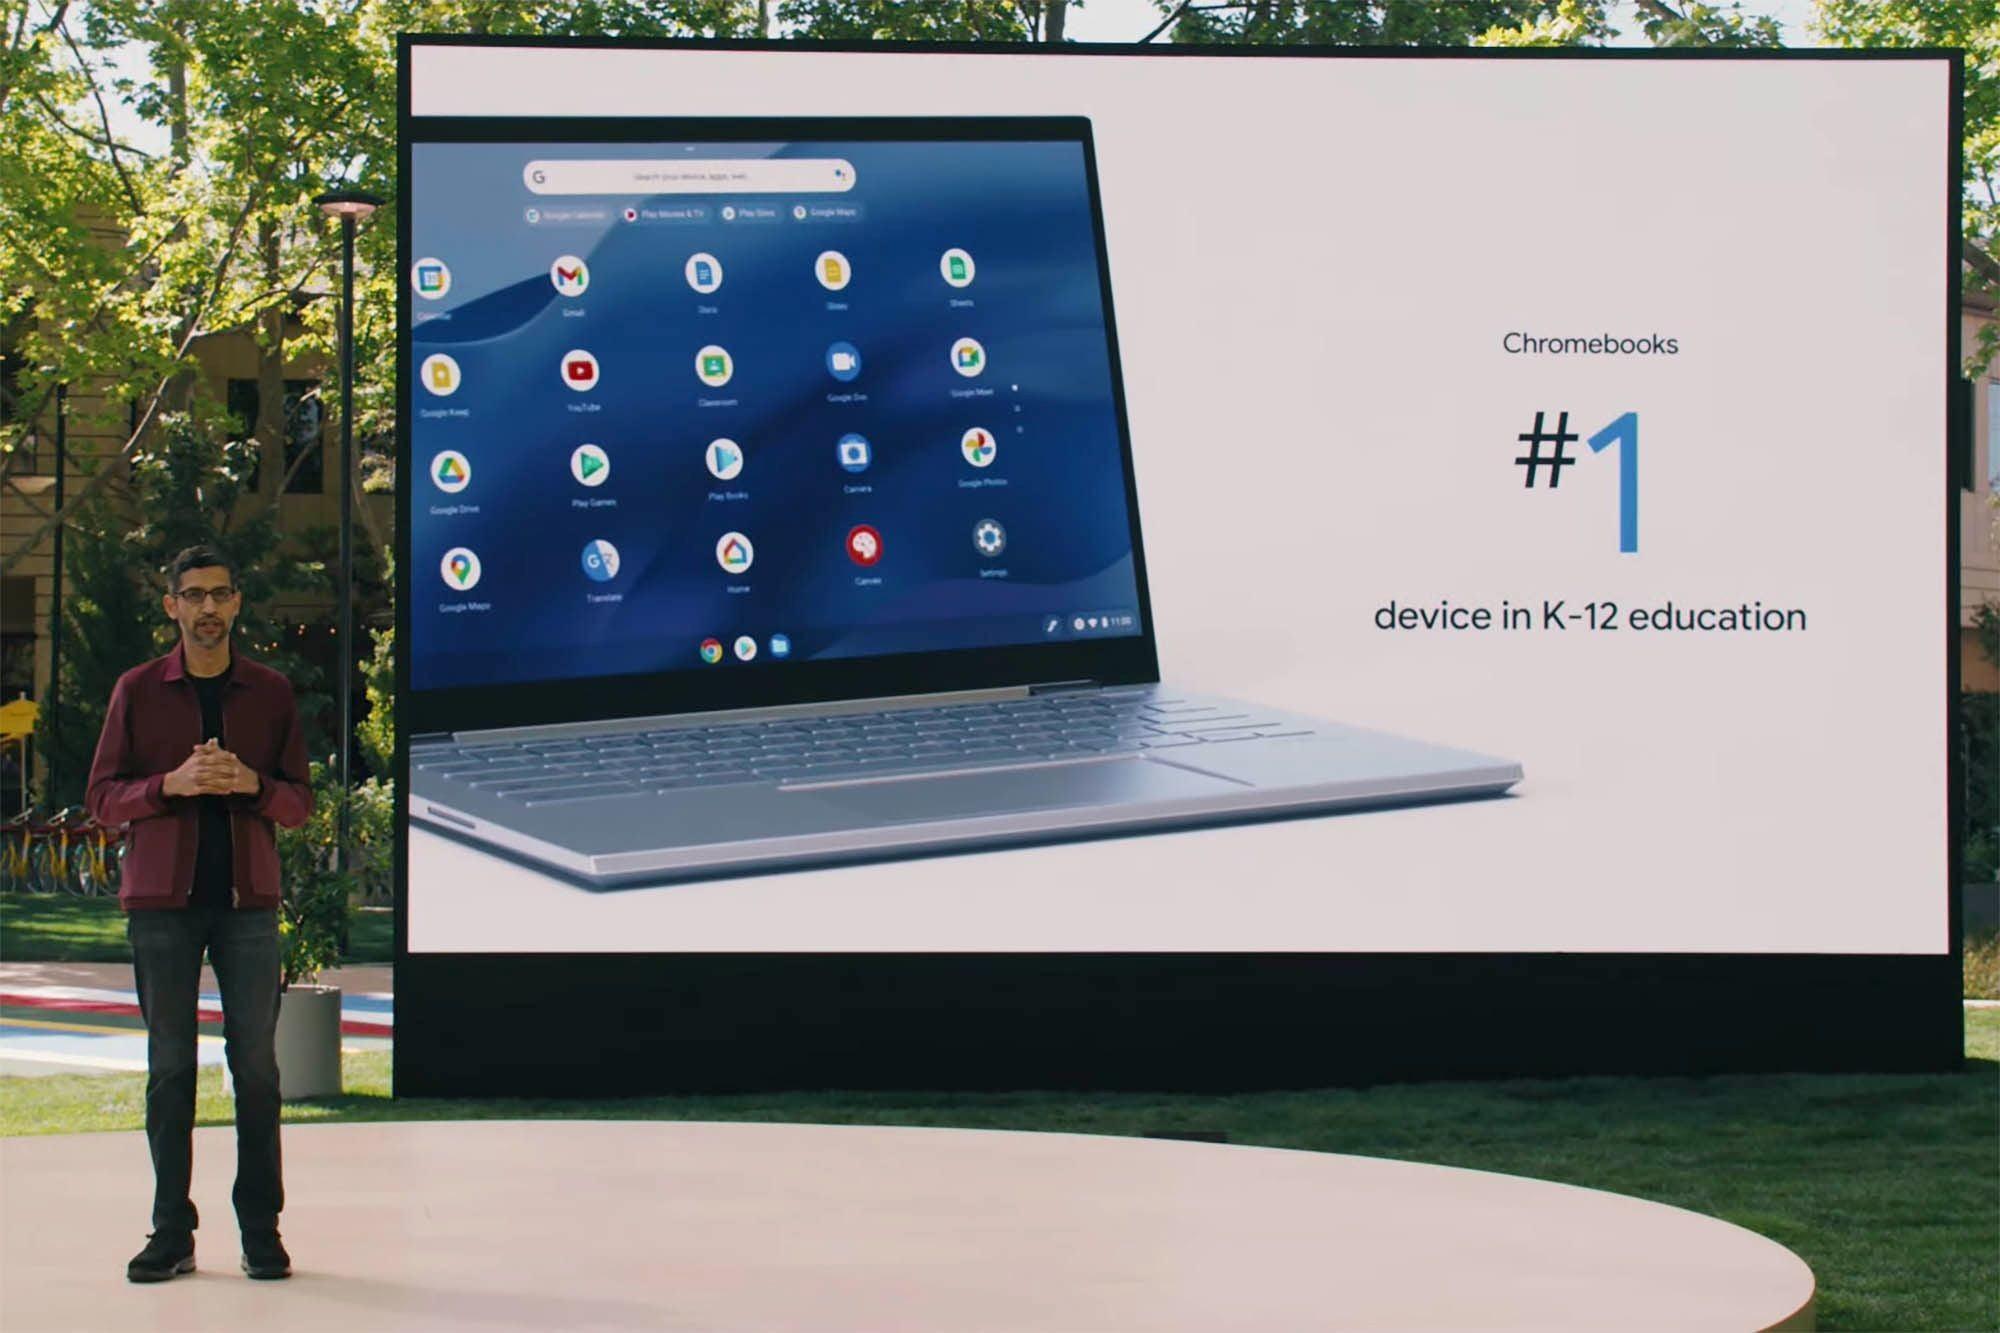 Chromebooks Google I / O 2021: Everything new